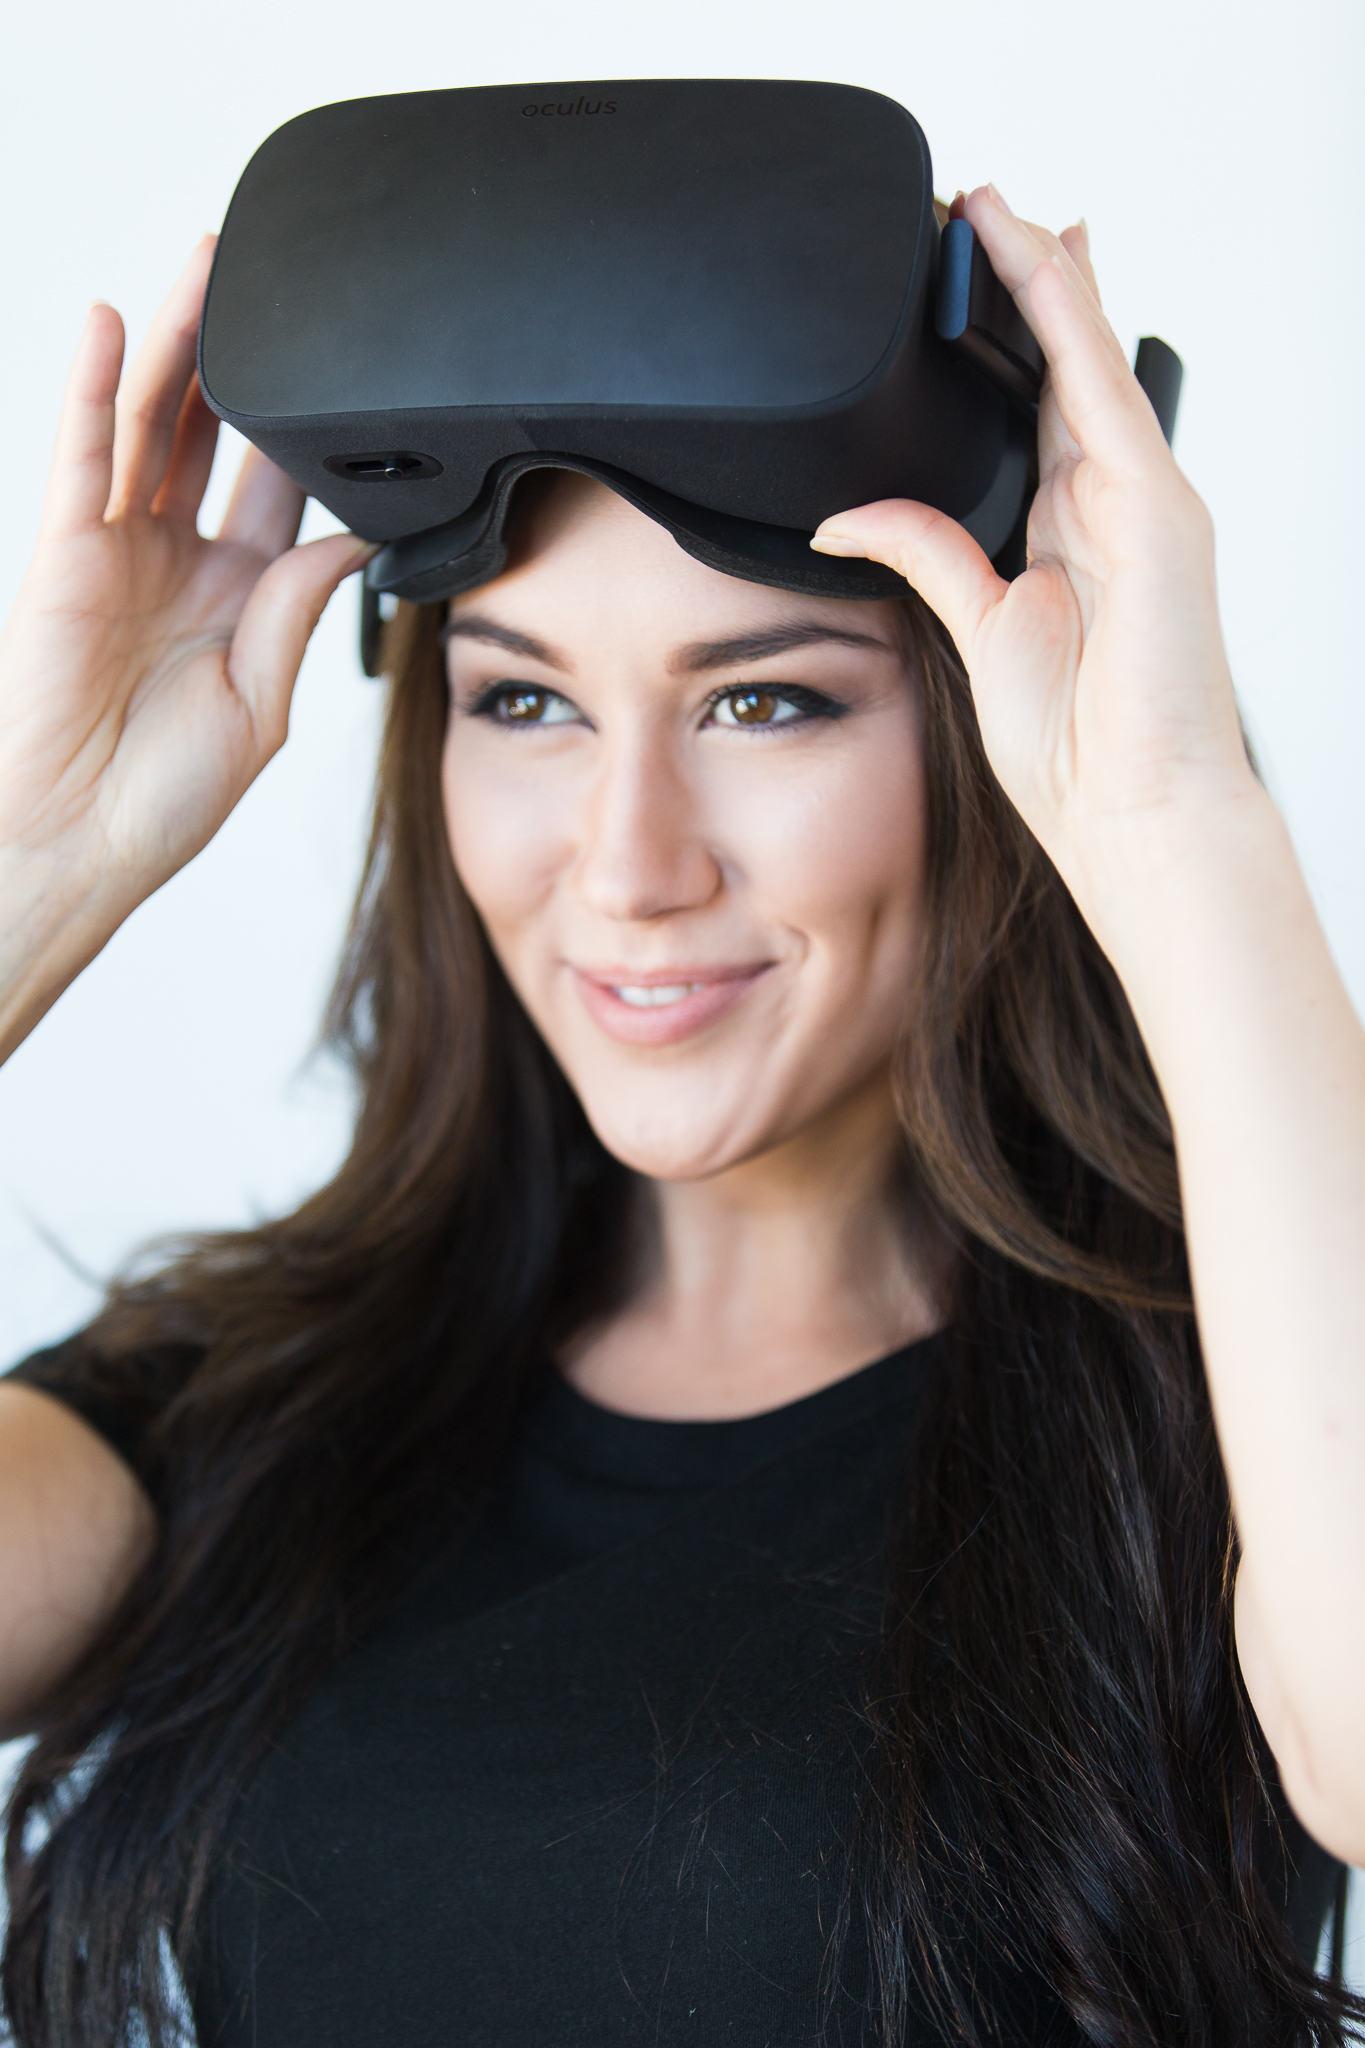 20160327 Upload VR Shoot-Oculus etc-5824.jpg